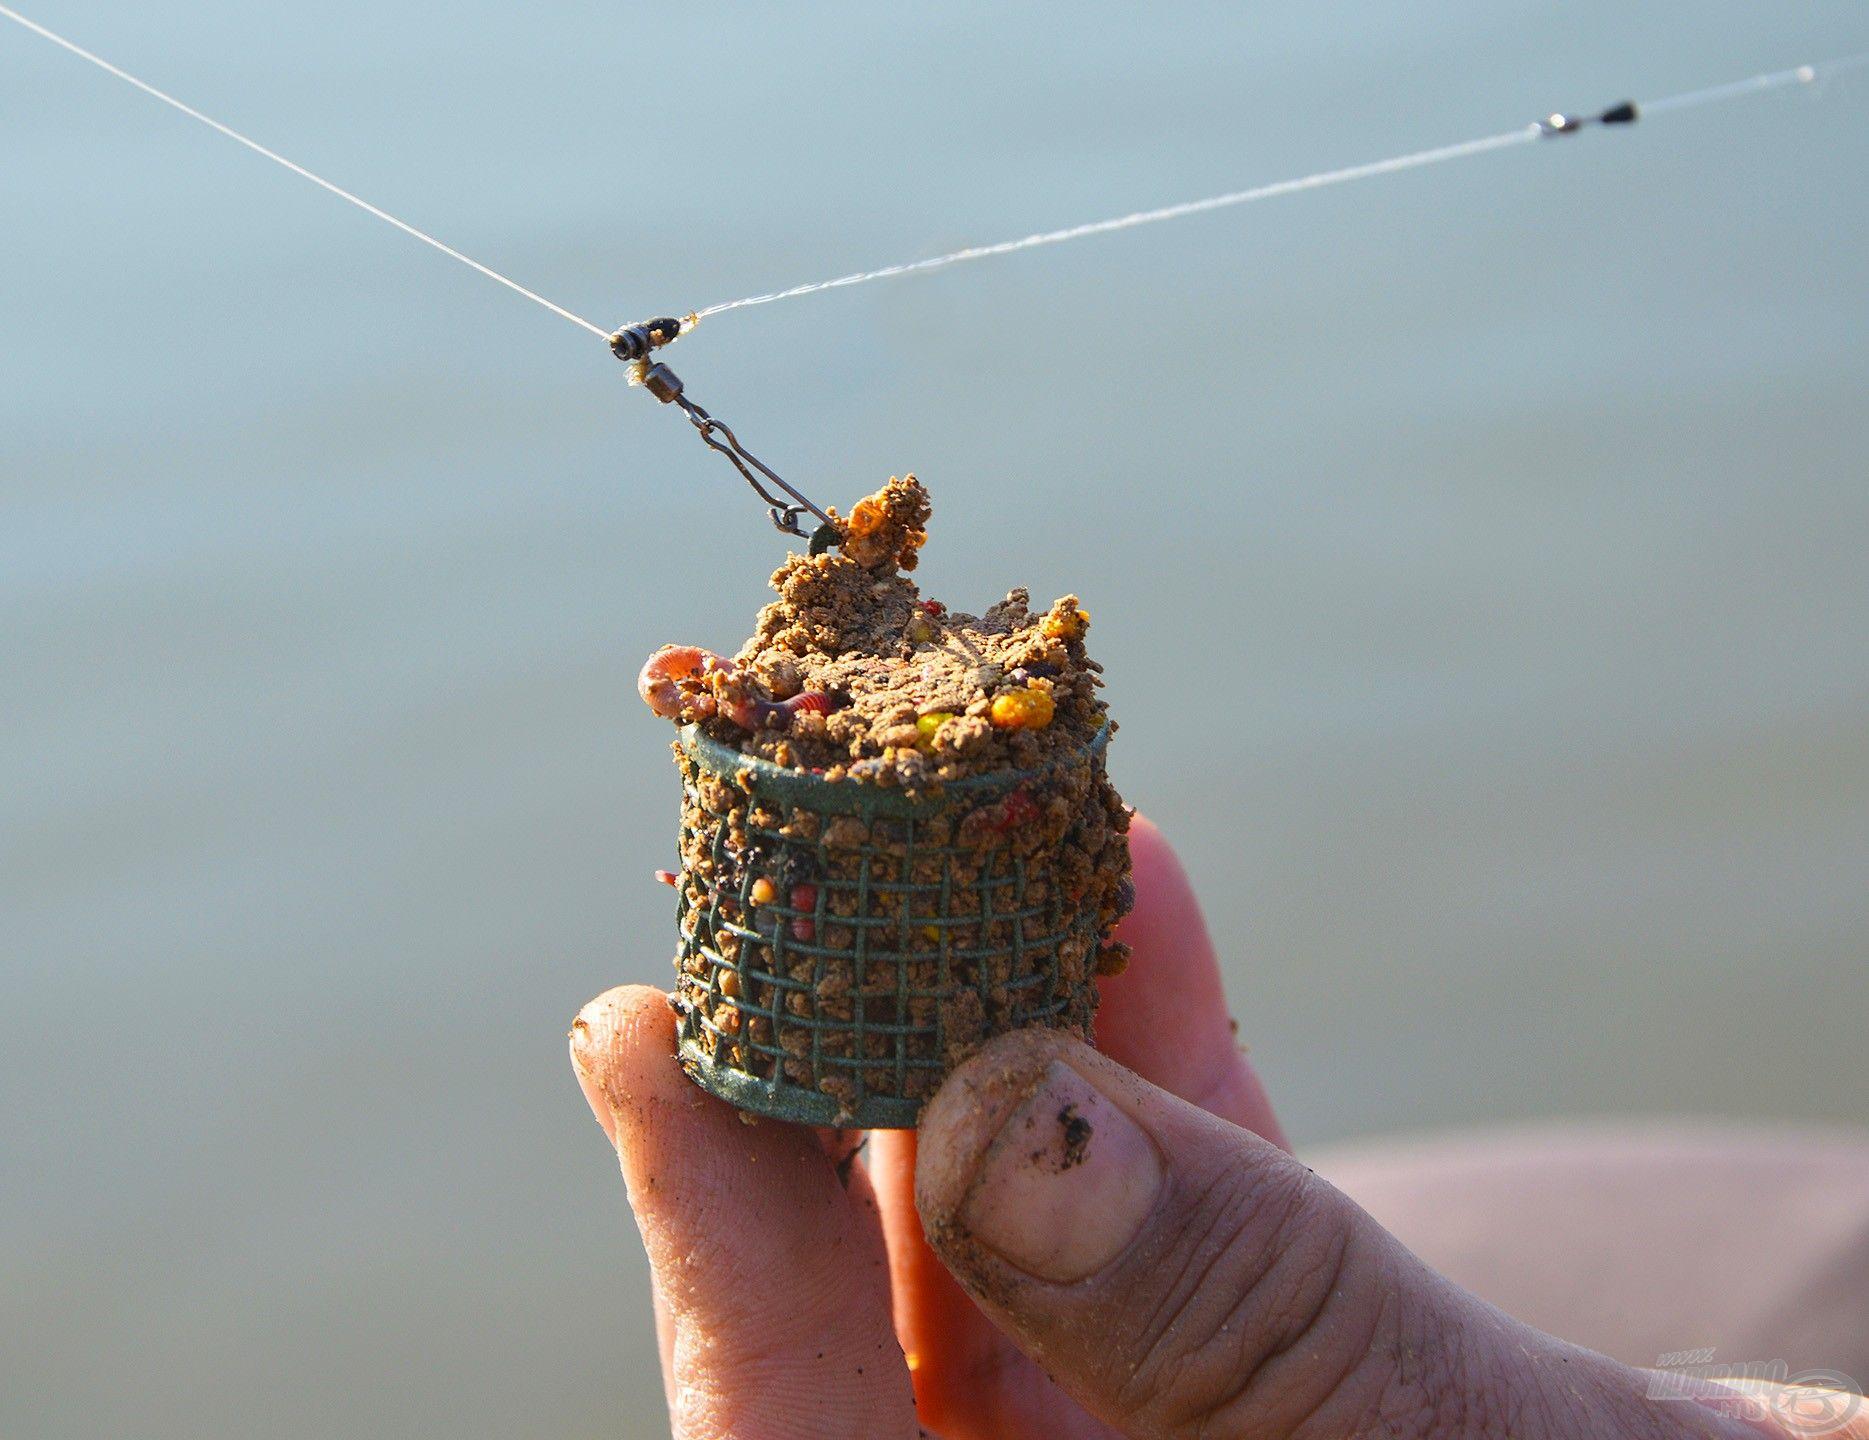 Jól tapadó és nem kifejezetten gyorsan bontó anyagra van szükség ahhoz, hogy a lassan áramló vízben koncentrálni lehessen a halakat